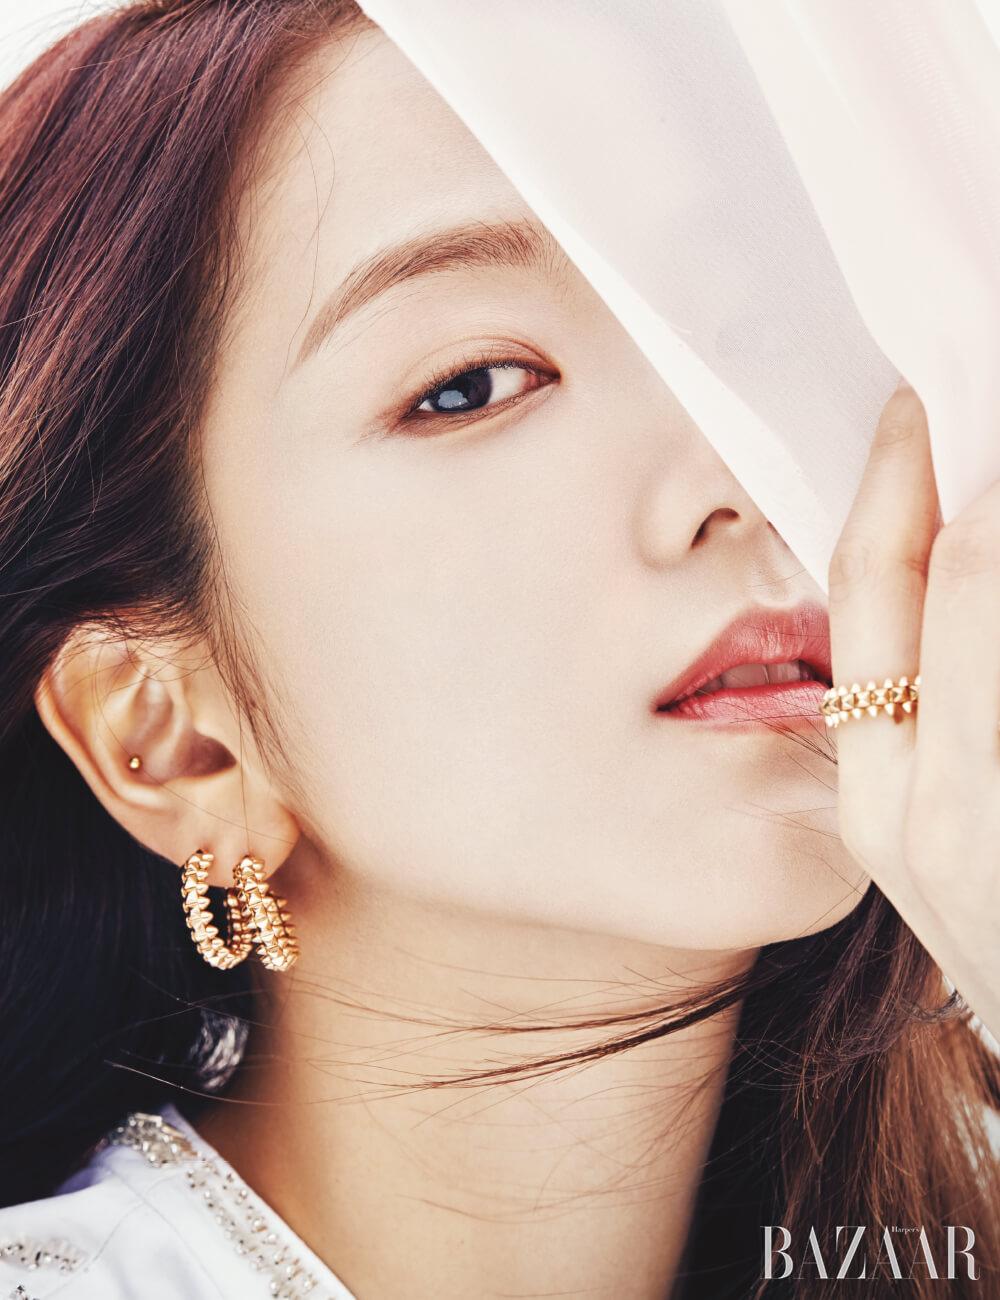 오른쪽 귀에 착용한 한 쌍의 귀고리, 검지에 착용한 반지는 모두 '클래쉬 드 까르띠에' 컬렉션 Cartier. 드레스는 Louis Vuitton.